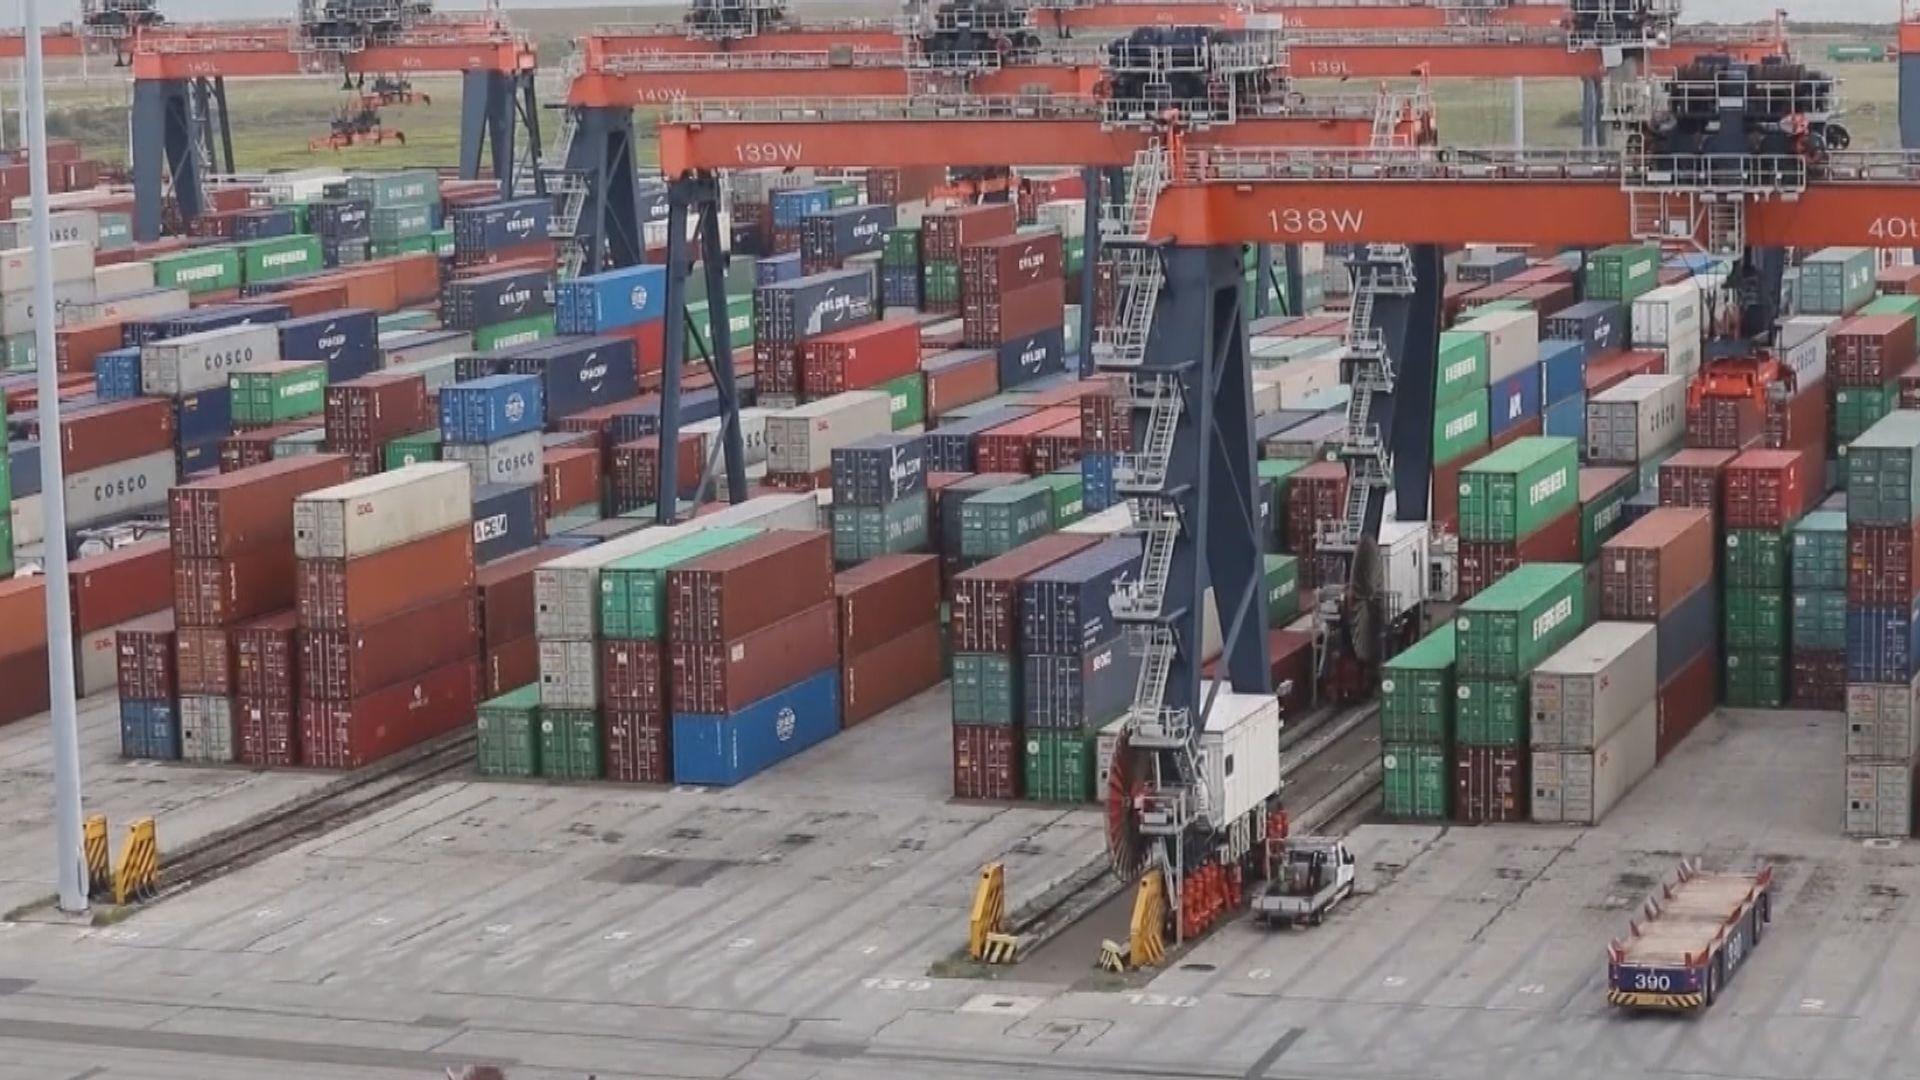 據報北京曾警告美國勿過度介入中國事務 否則影響貿易協議執行